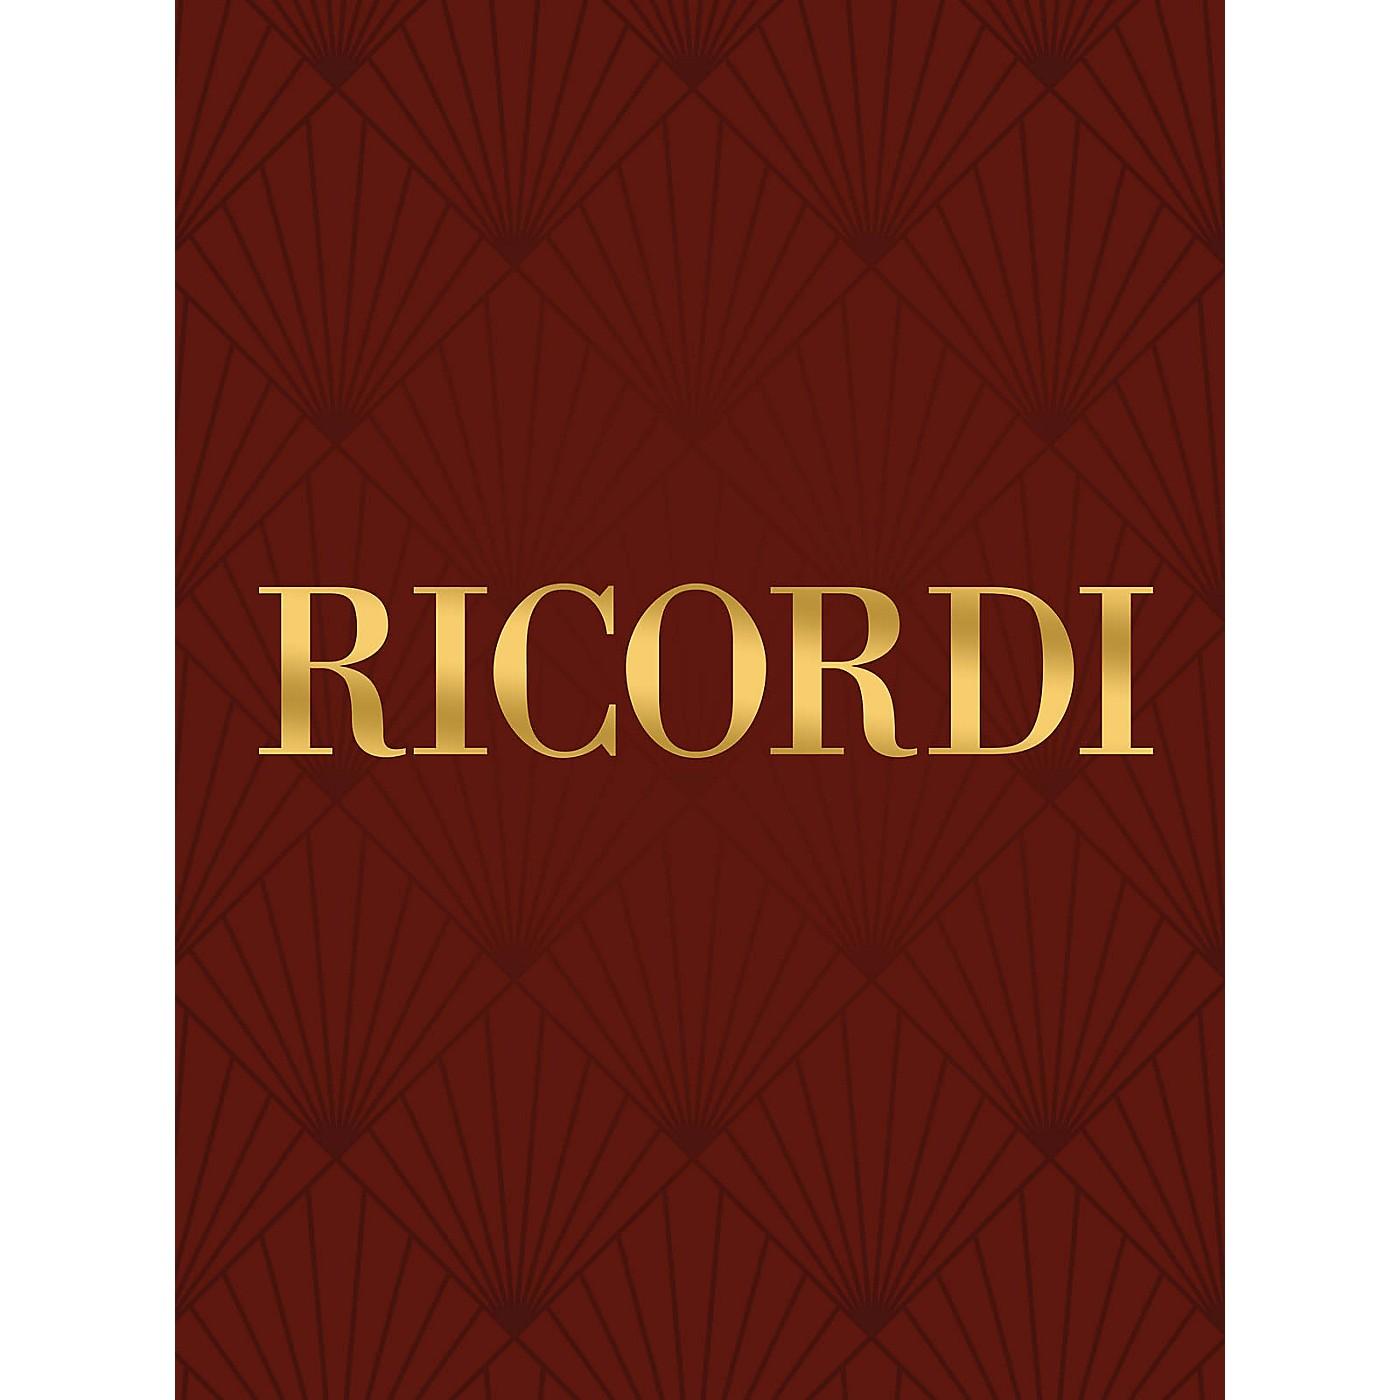 Ricordi Gorheggi e Solfeggi per Rendere la Voce Agile e Imparare il bel Canto Vocal Method by Gioacchino Rossini thumbnail